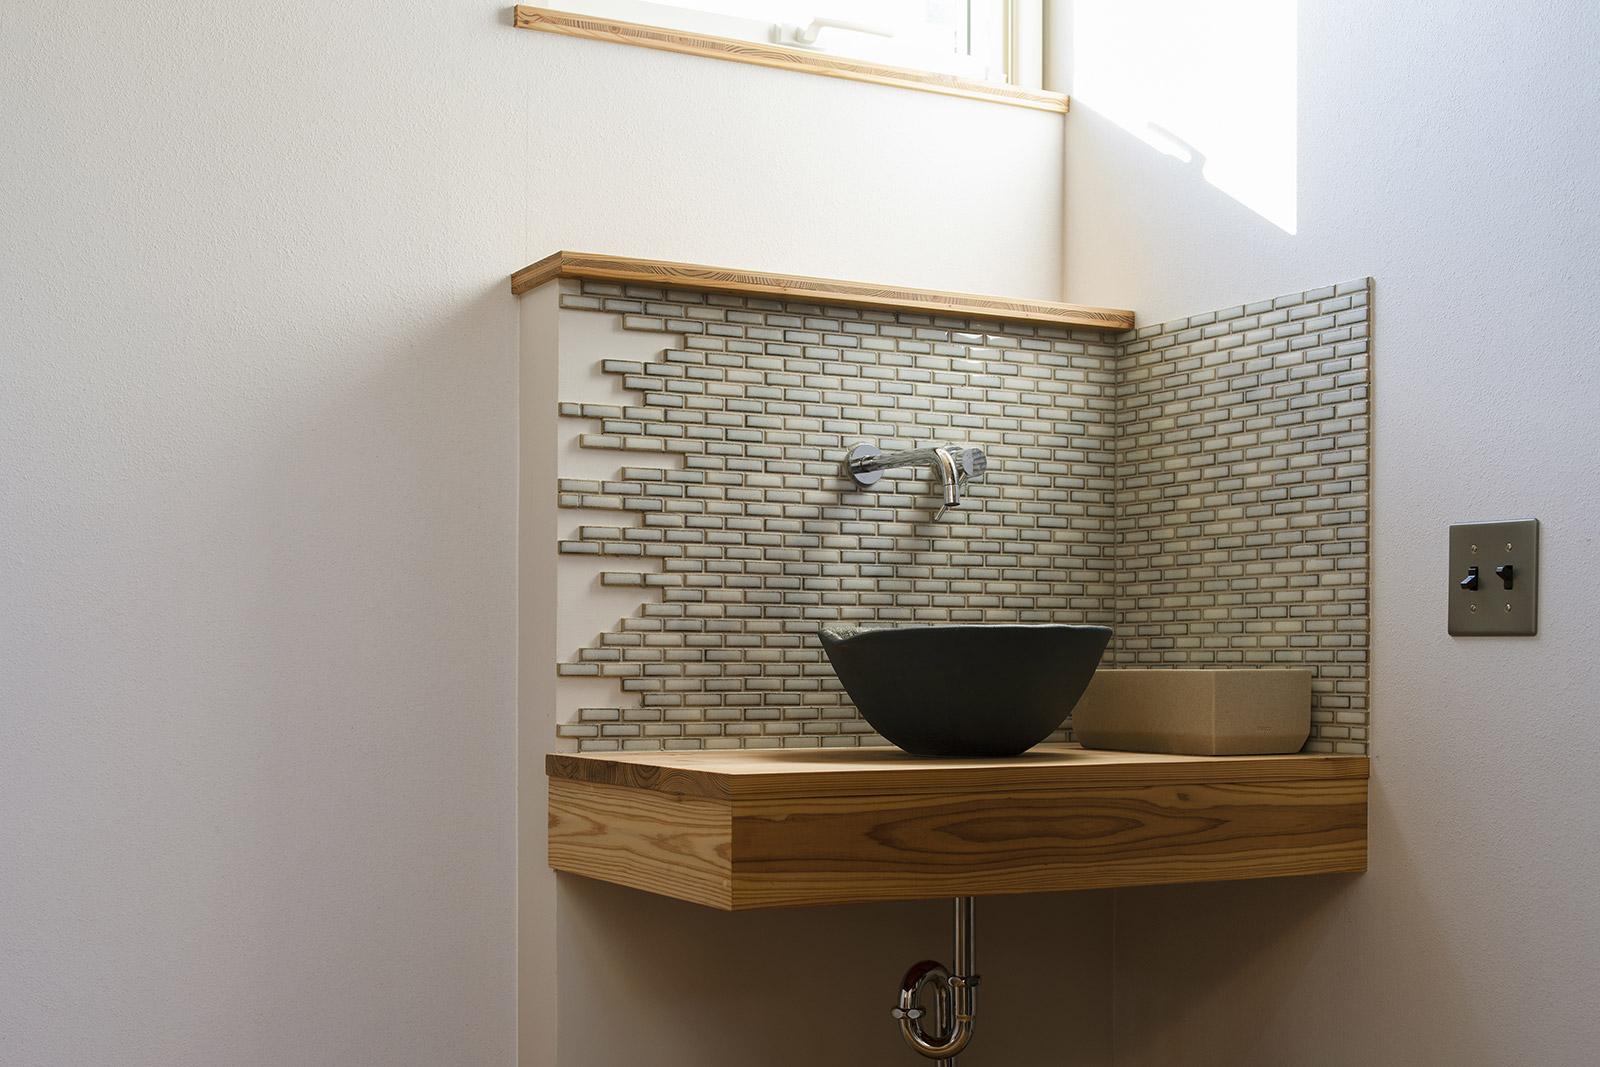 玄関ホールには、帰宅後にすぐ手が洗える手洗い場を設けた。陶製ボウルやタイルが木質感あふれるホールのアクセントにもなった